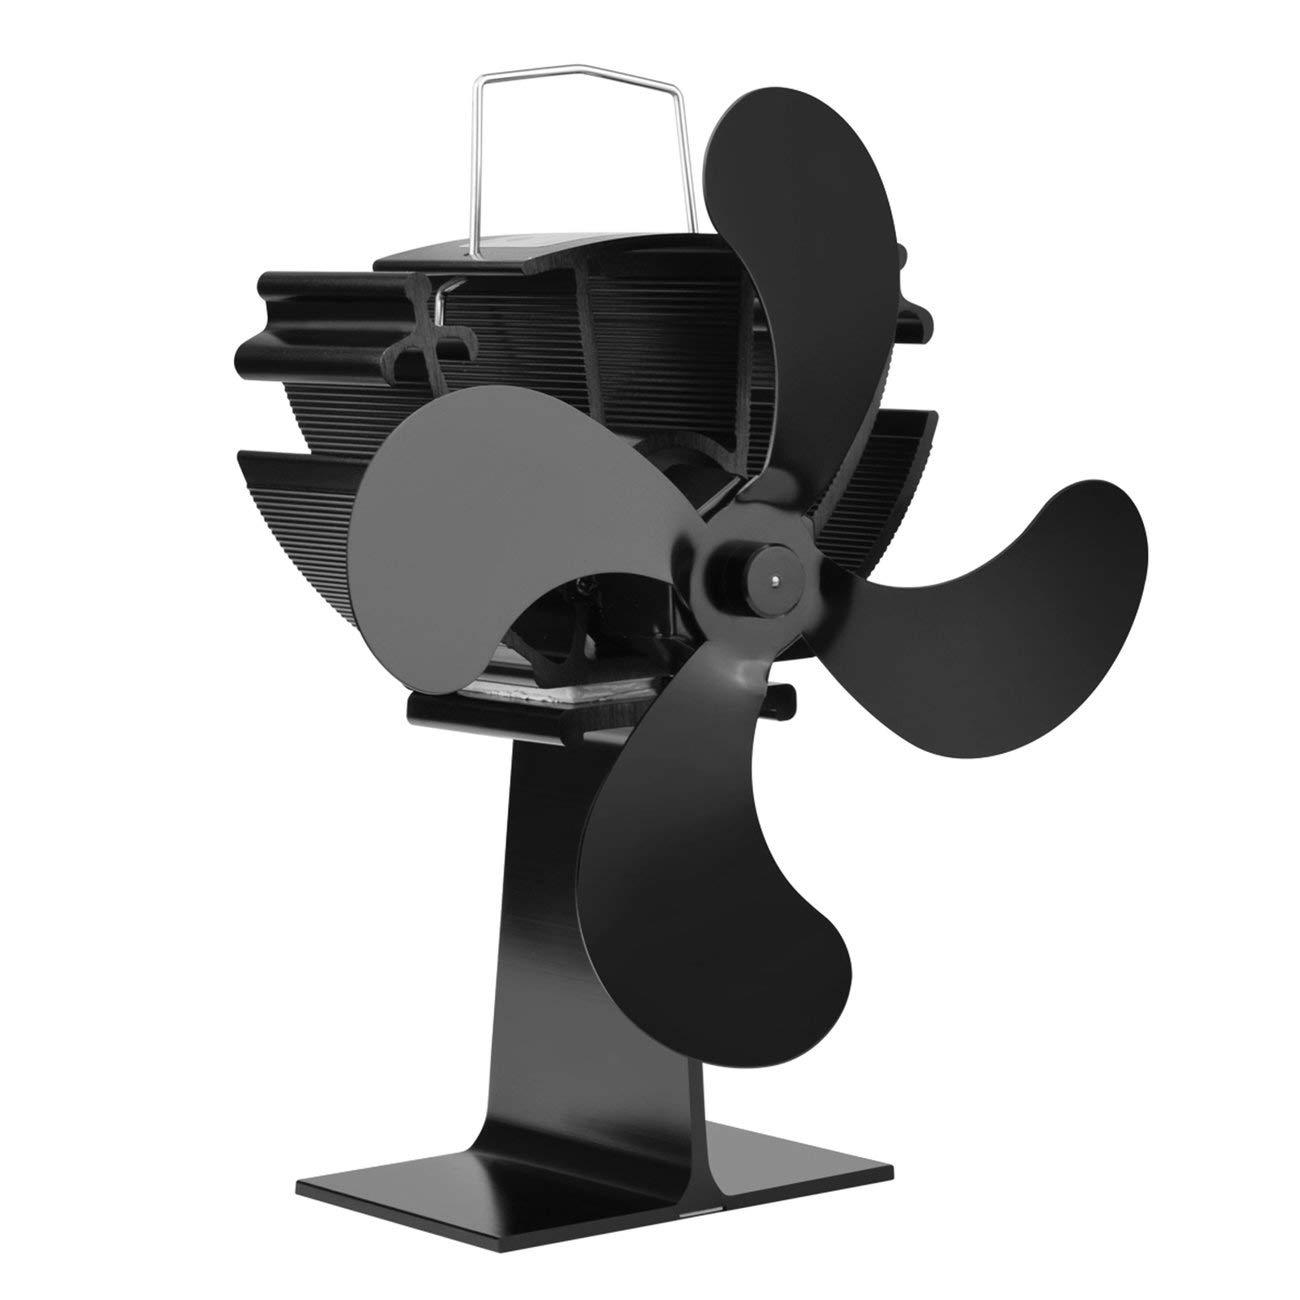 4 lame di calore Stufa Powered Ventilatore No elettronici necessari riscaldare Camino Fan